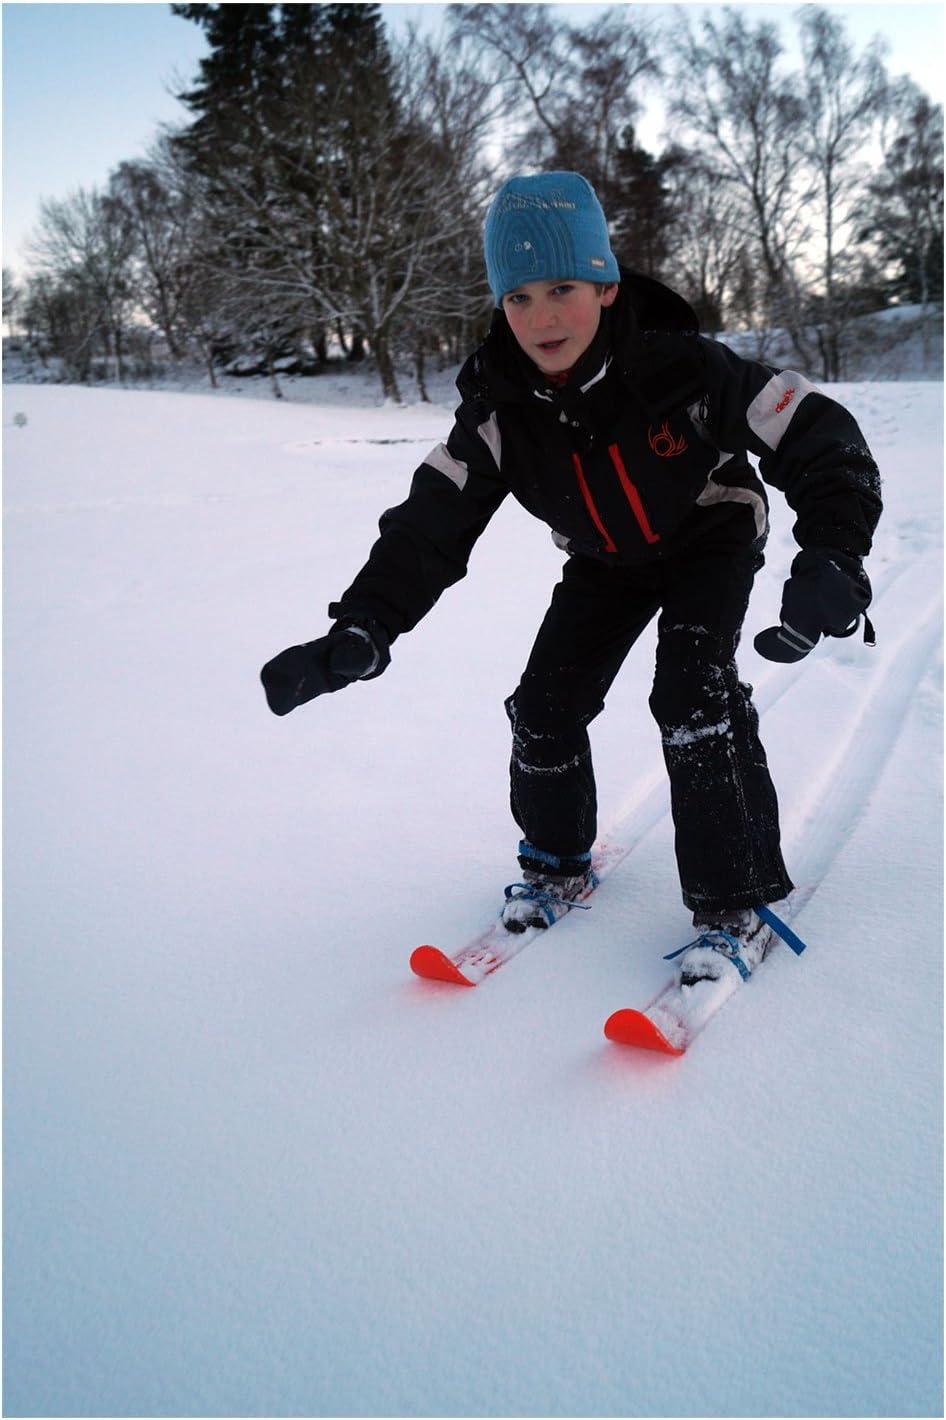 usati dalla Federazione USA di combinata nordica Sci per bambini per pratica adatti a qualsiasi tipo di scarpa//scarpone tecnica e allenamento vari colori per bambini e ragazzi dai 3 anni in su